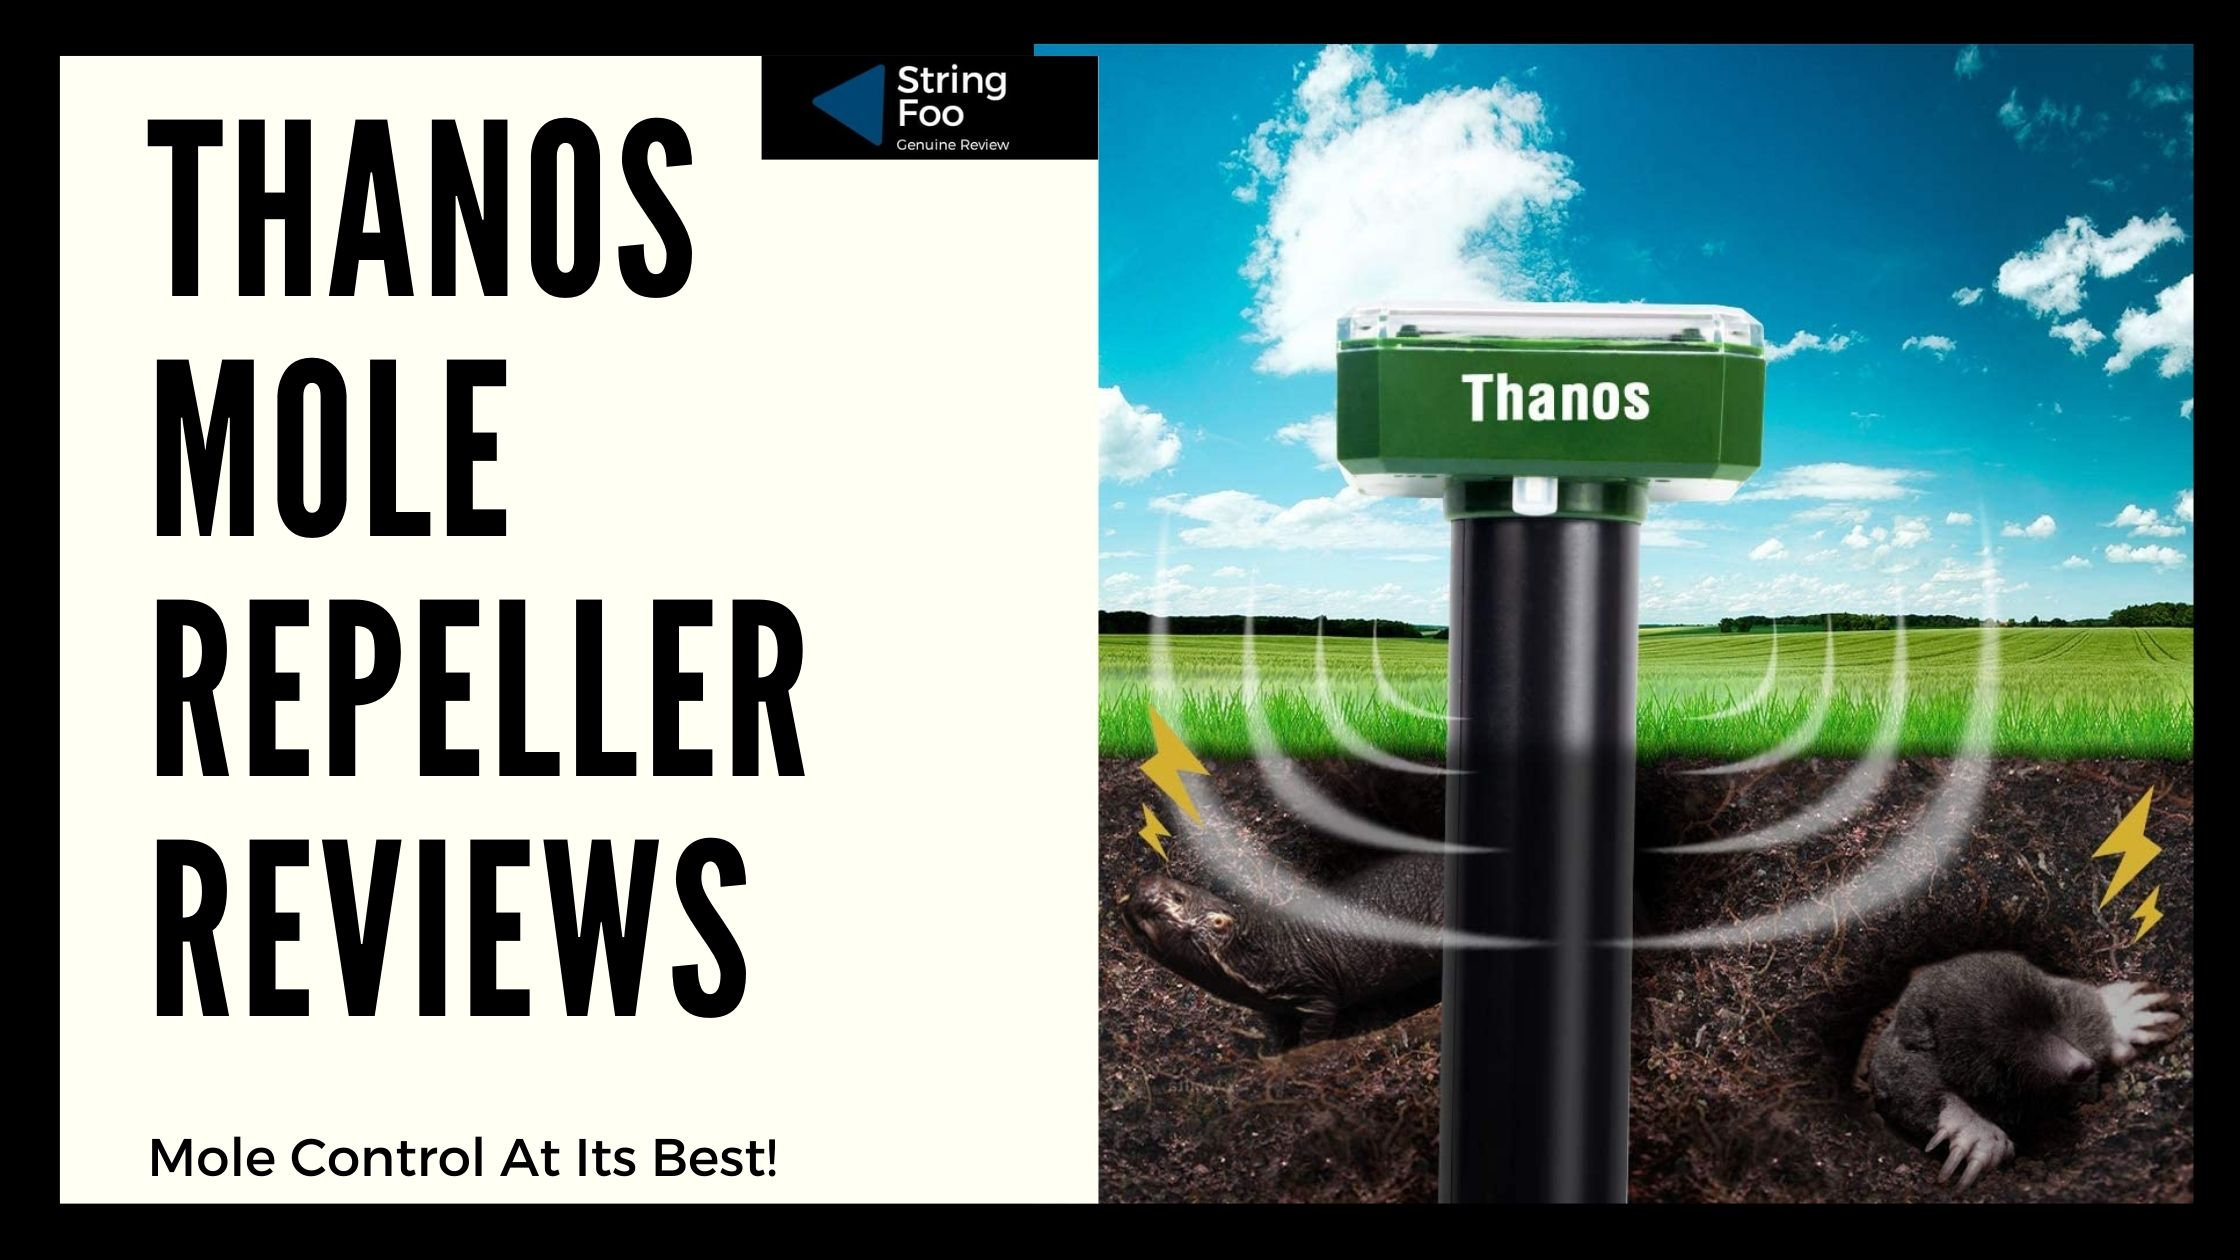 Thanos Mole Repeller Reviews